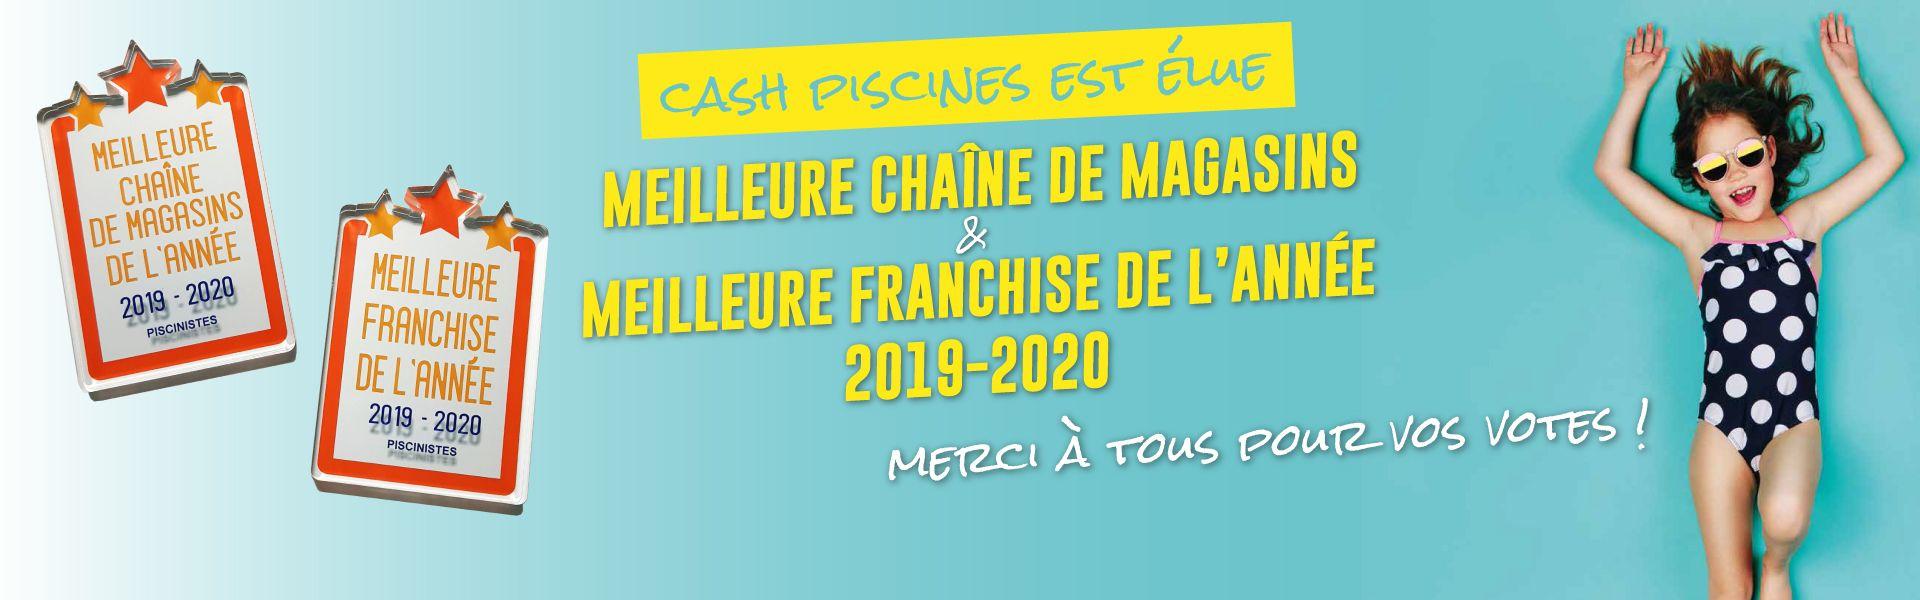 Cash Piscines - Tout Pour La Piscine & Spas Gonflables ... tout Cash Piscine Toulon